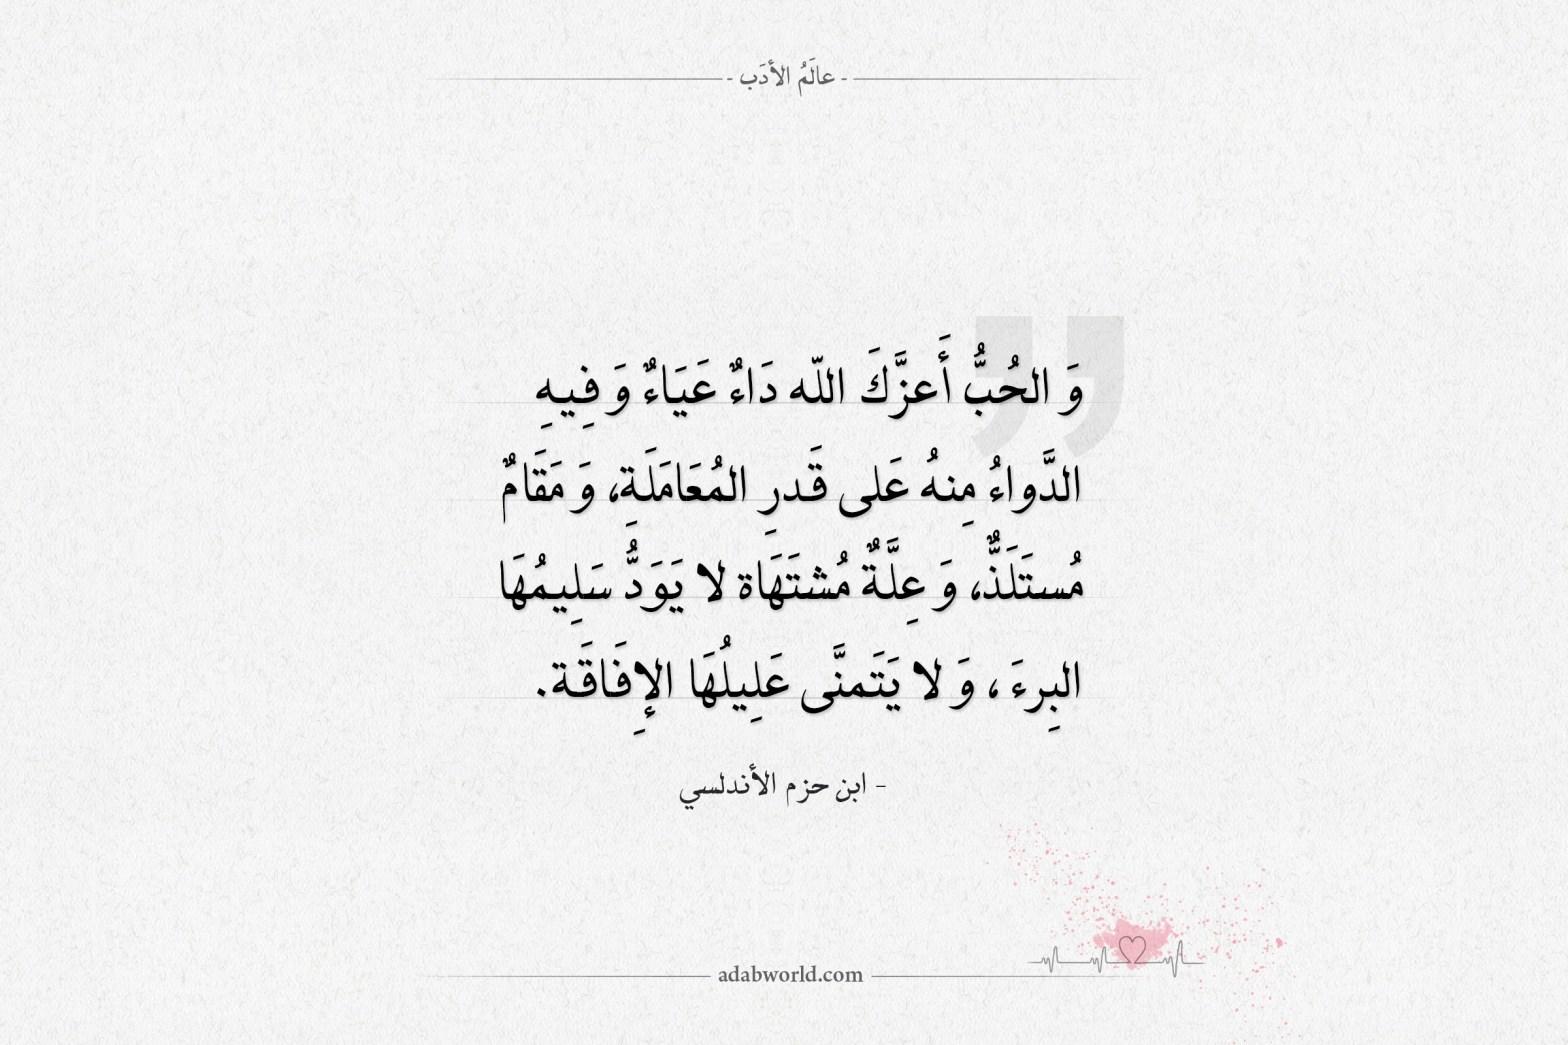 اقتباسات ابن حزم الأندلسي الحب داء عياء و فيه الدواء